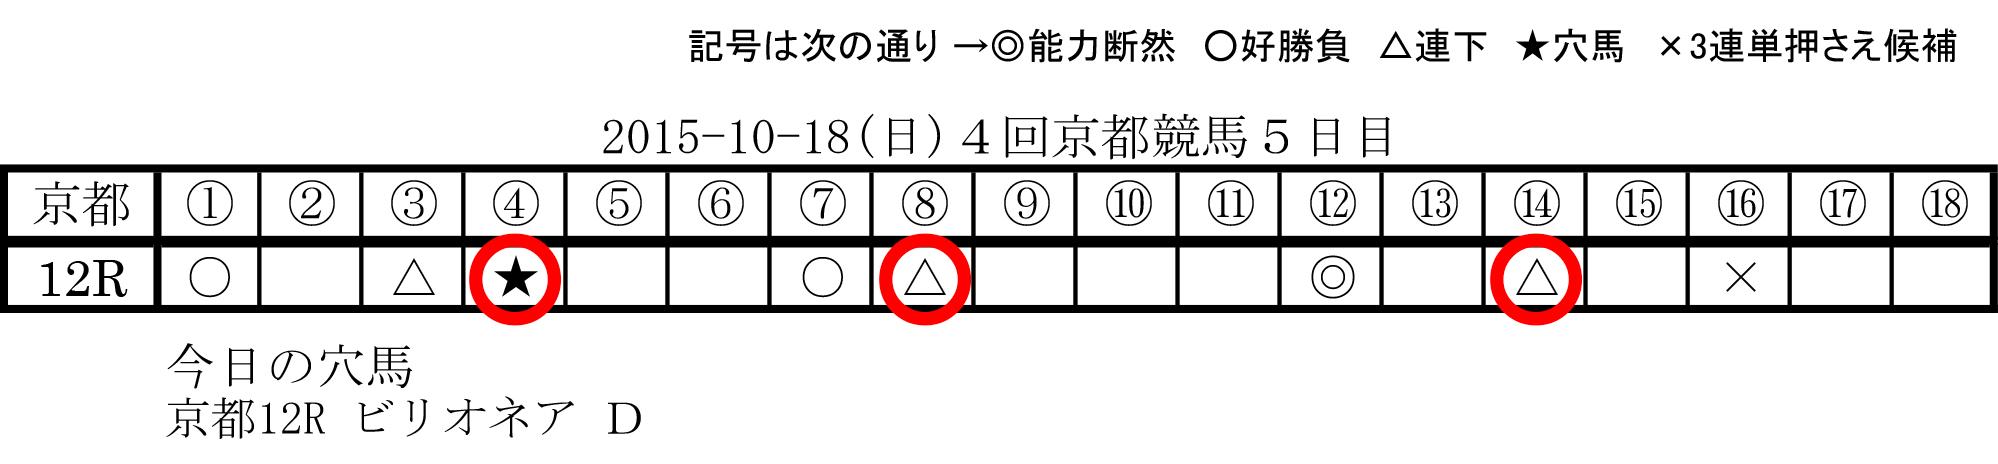 yoso_151018_sun_re_kyoto_12r